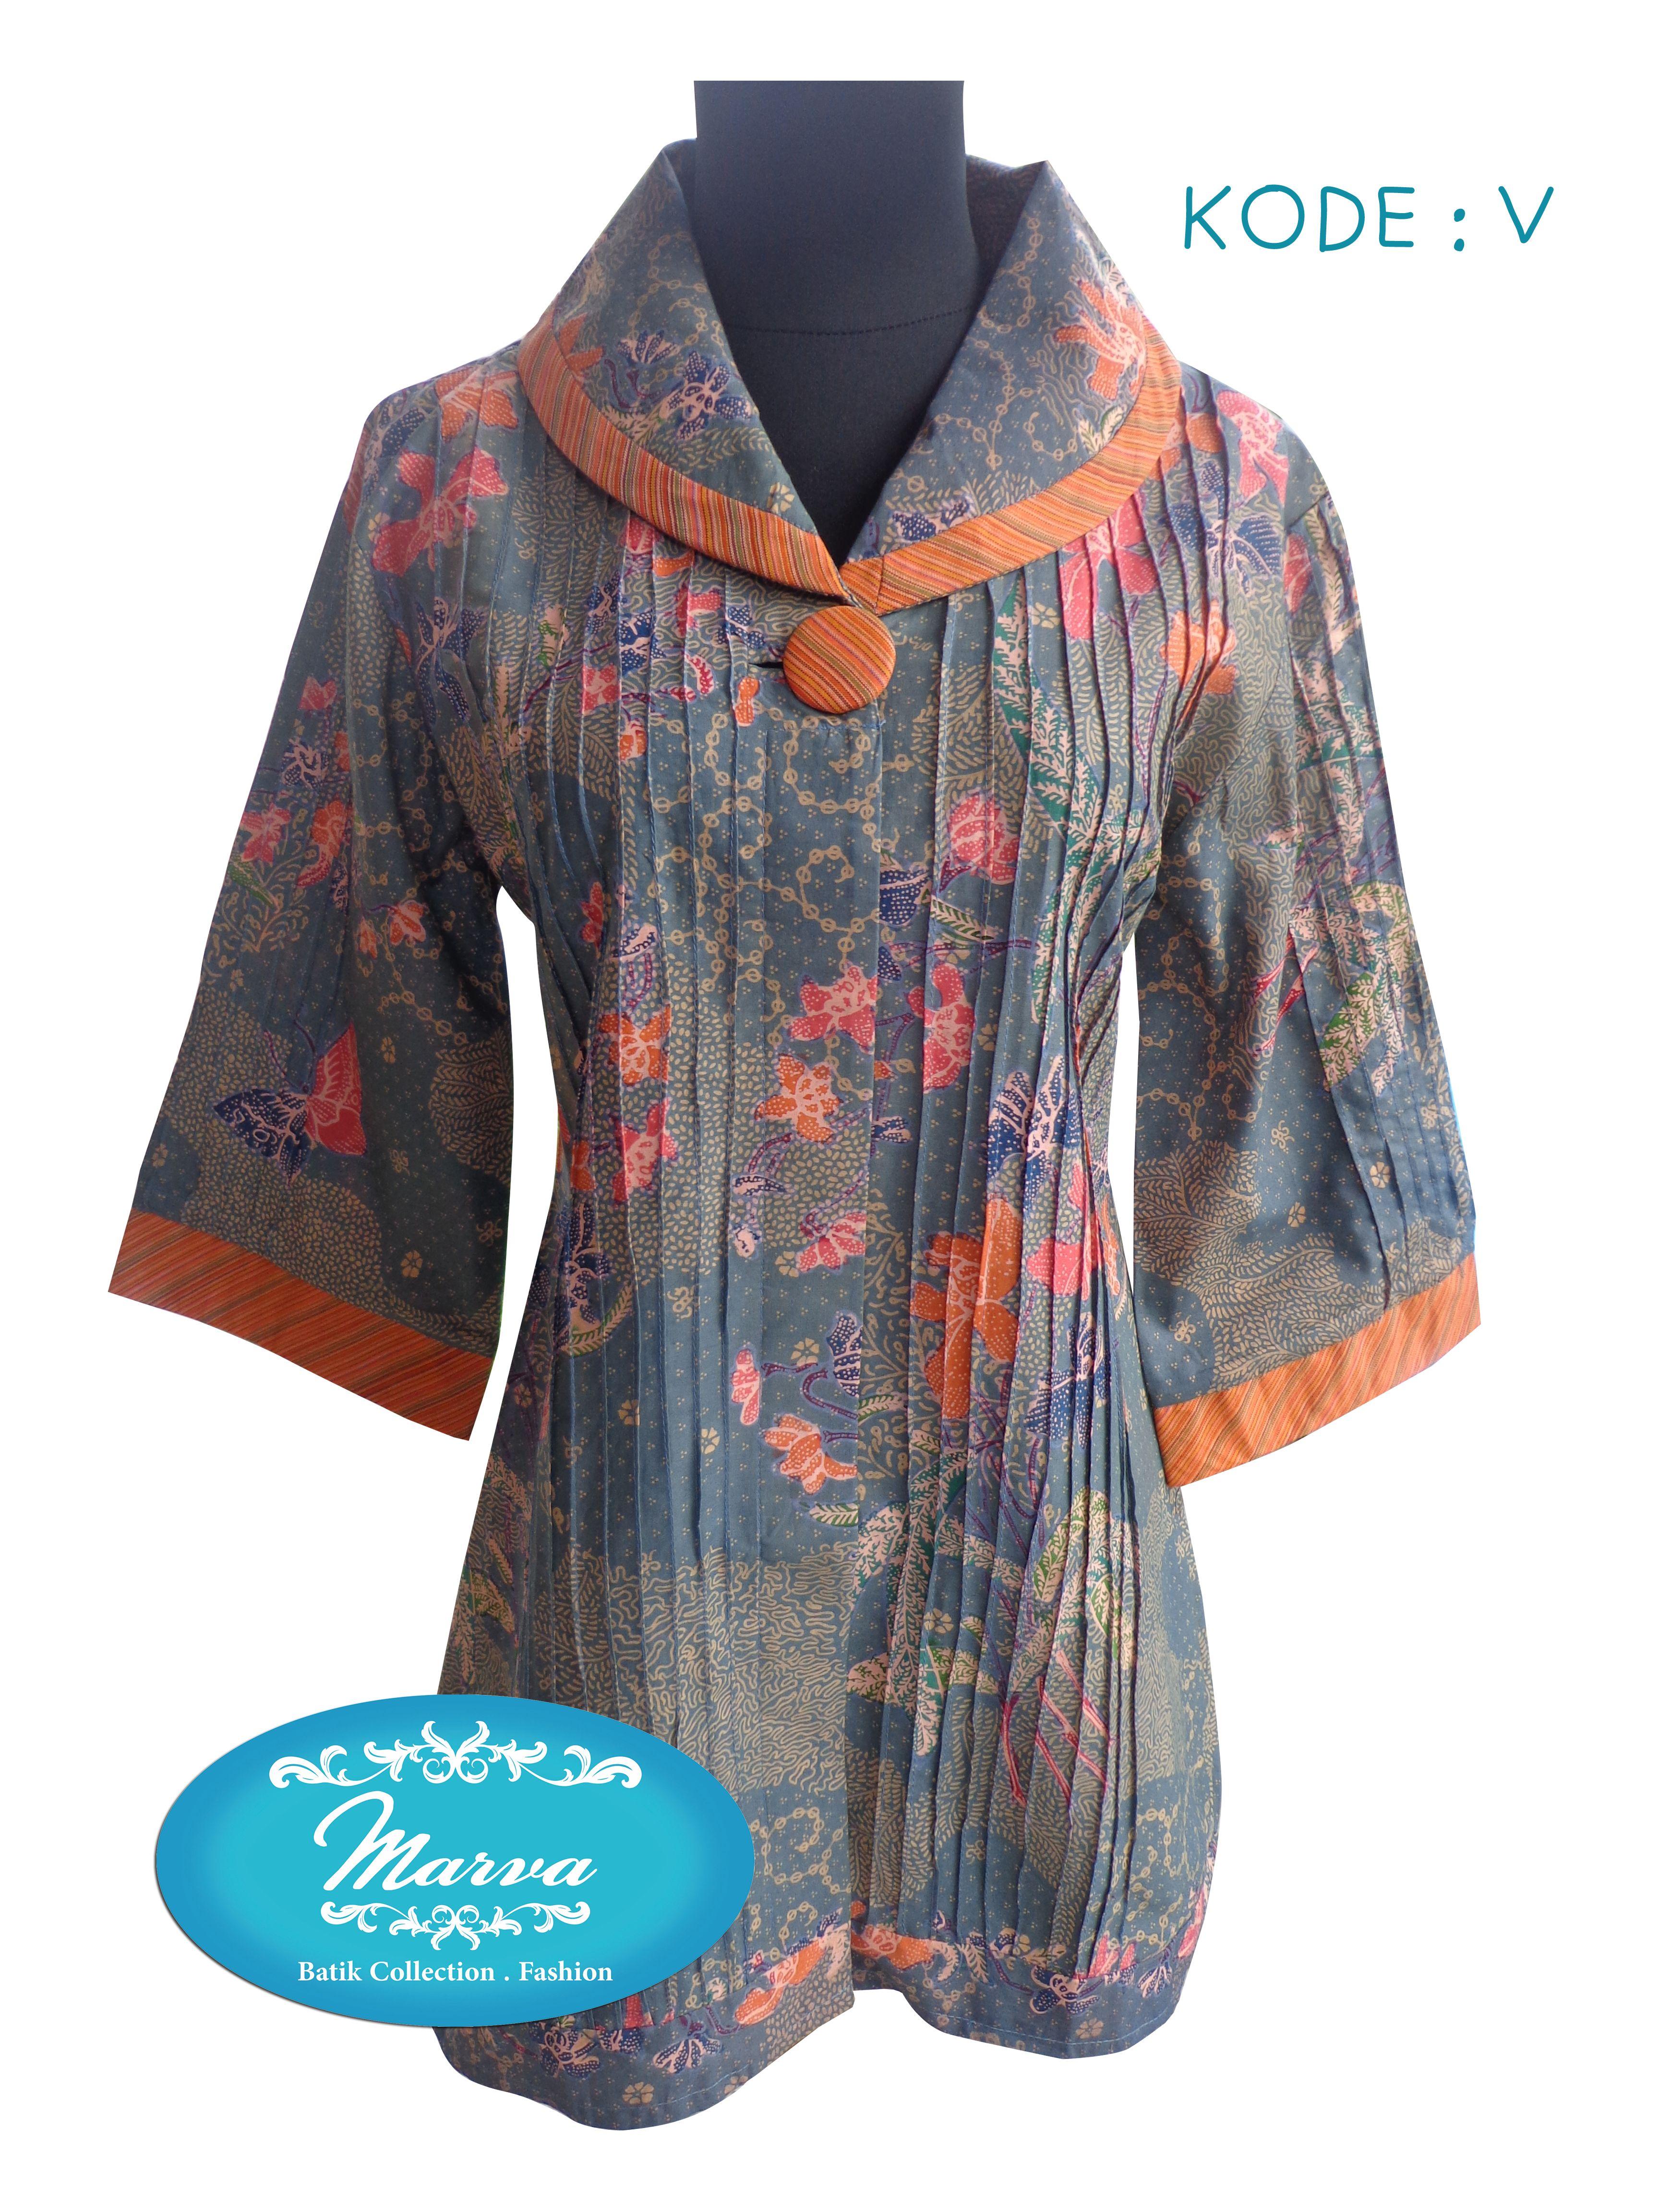 blouse opnesel NBL Kode V size S pjg baju 73cm lingk dada 90cm price 235K Seragam batik